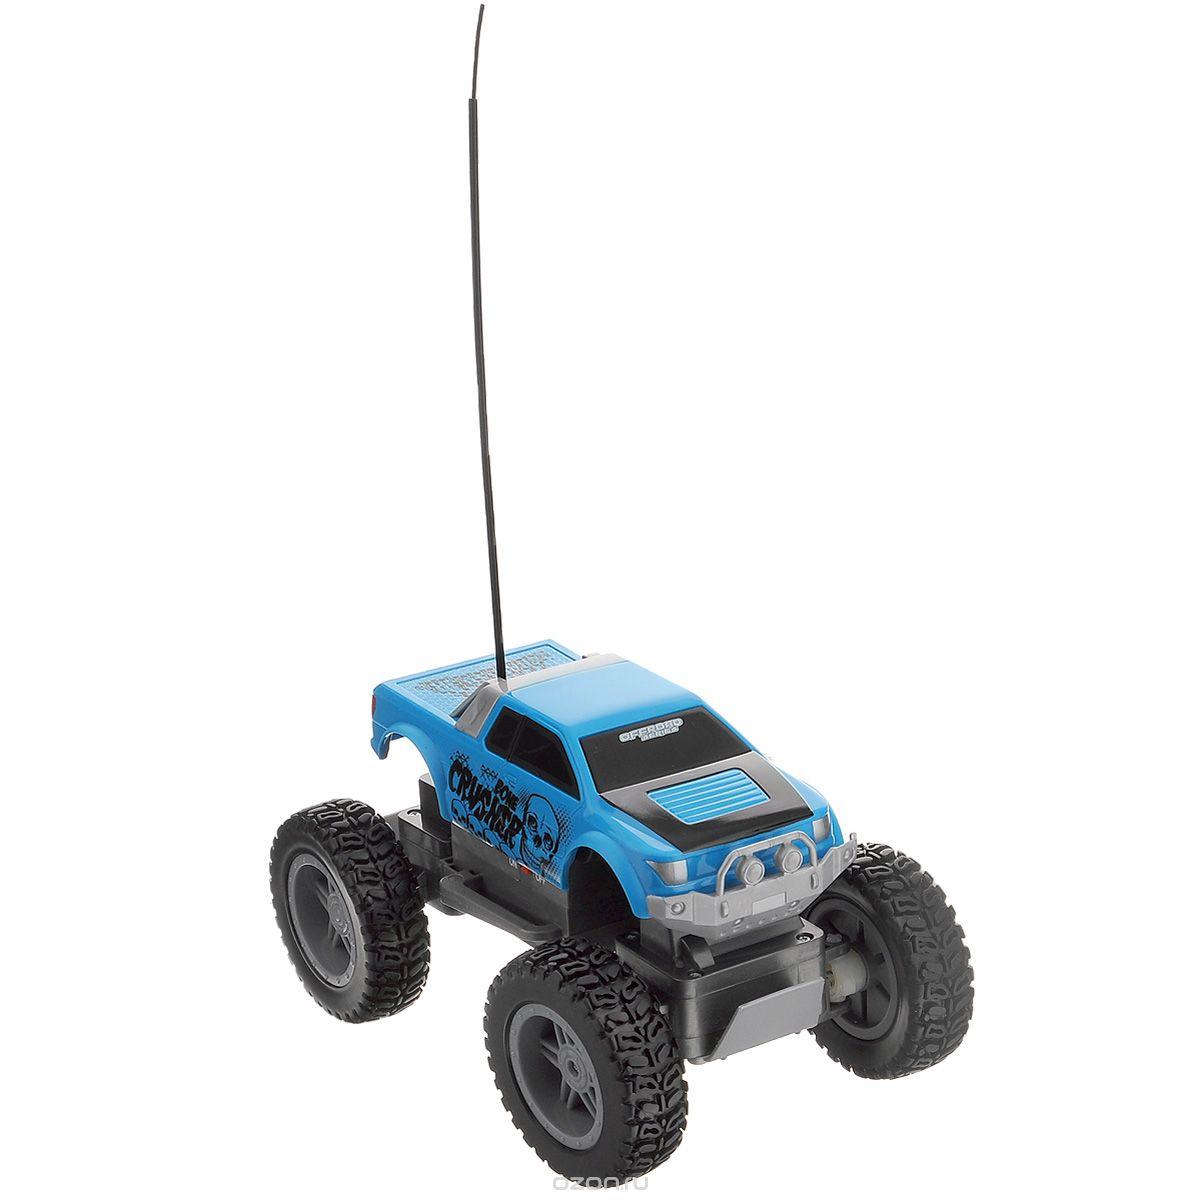 Maisto Машина на радиоуправлении Rock Crawler 4х4 цвет синий81162_голубой_2161Радиоуправляемая модель Maisto Вездеход Rock Crawler 4х4 с ярким привлекающим внимание дизайном обязательно понравится всем любителям машин, в особенности внедорожников. Машинка имеет повышенную проходимость за счет полного привода 4х4, прекрасно передвигается по бездорожью и легко может покорить скалу. Джип имеет мягкую пружинную независимую подвеску с длинным ходом и большие колеса. Машинка двигается вправо, влево, вперед и назад. Управление с помощью дистанционного пульта (поставляется в комплекте). Радиус действия пульта до 15 м. В комплекте инструкция по эксплуатации на русском языке. Необходимо докупить 6 батареек 1,5V типа АА (в комплект не входят).